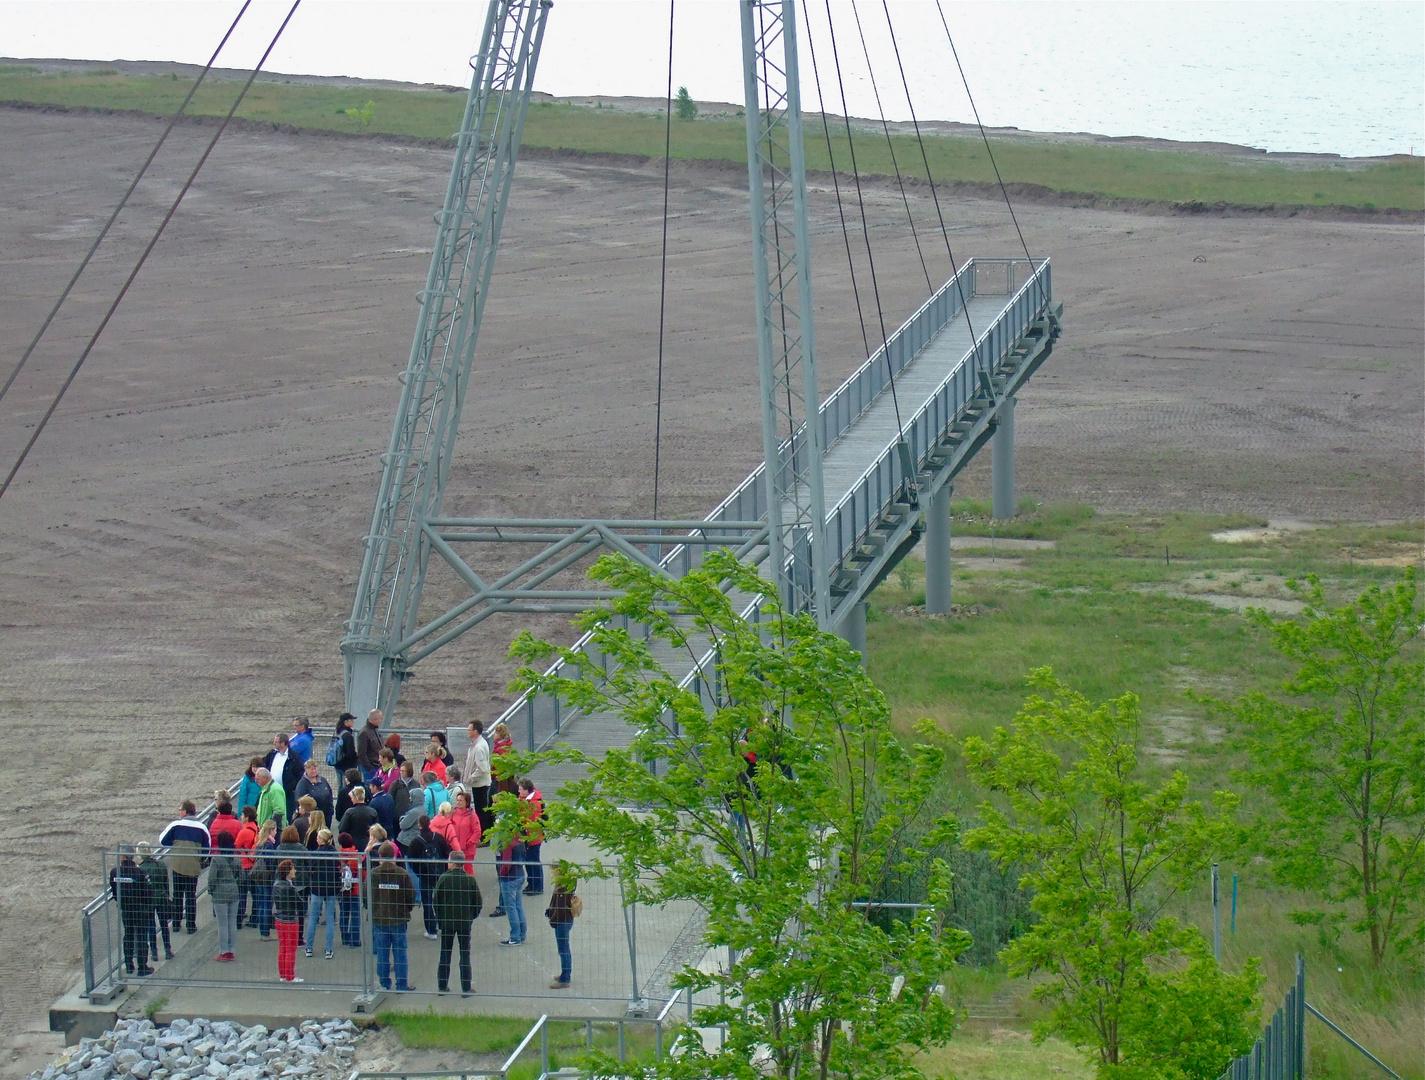 °°° Blick von den IBA-Terassen - die Touristen aus Sachsen kamen mit dem Reisebus °°°